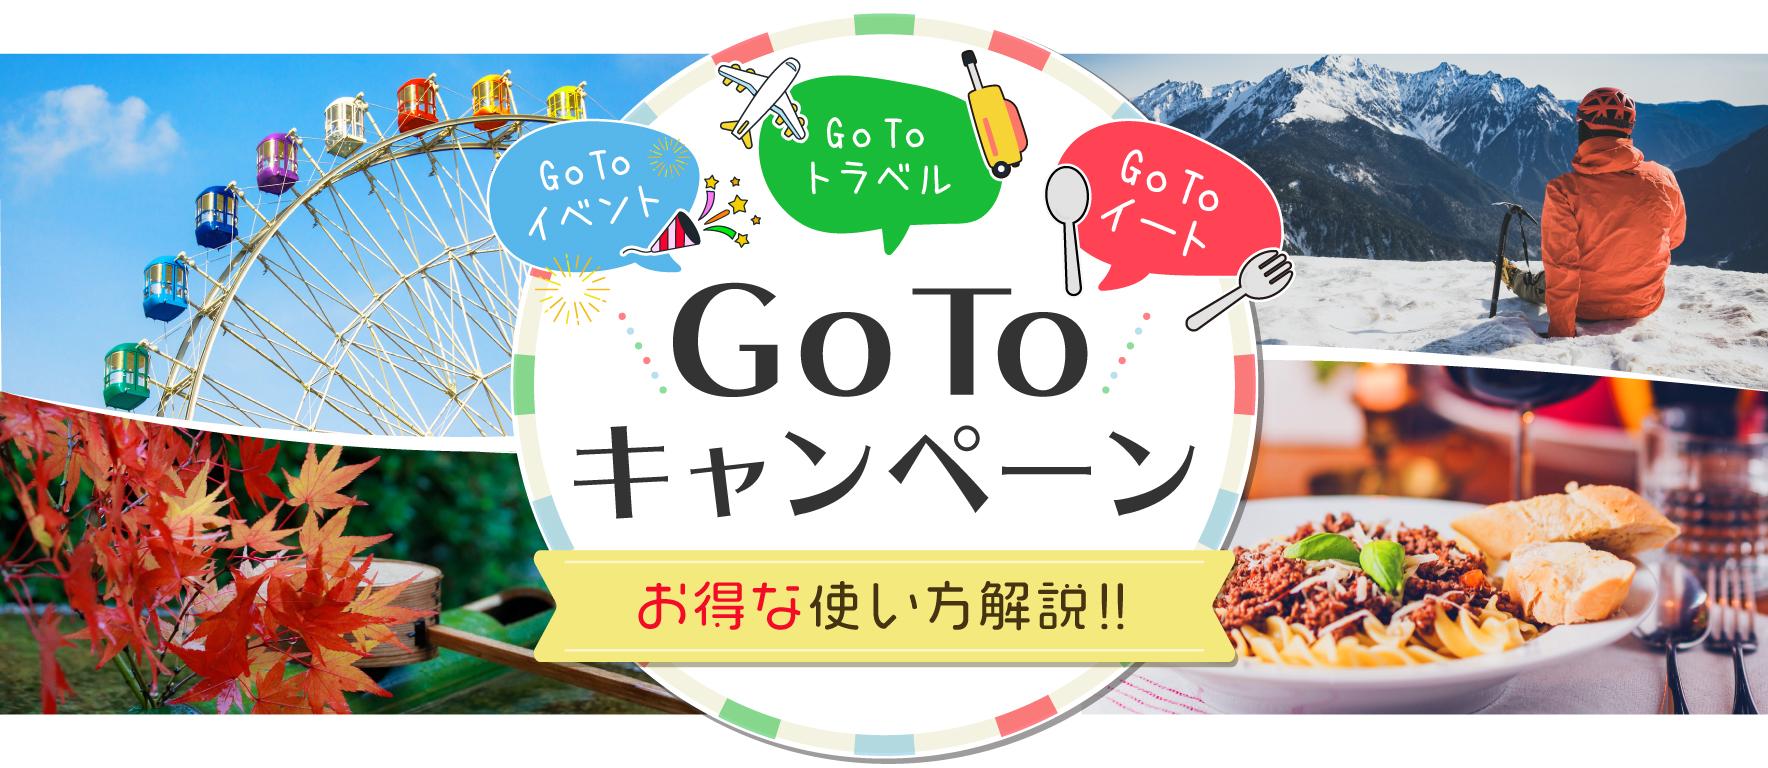 Go To キャンペーン お得な使い方解説